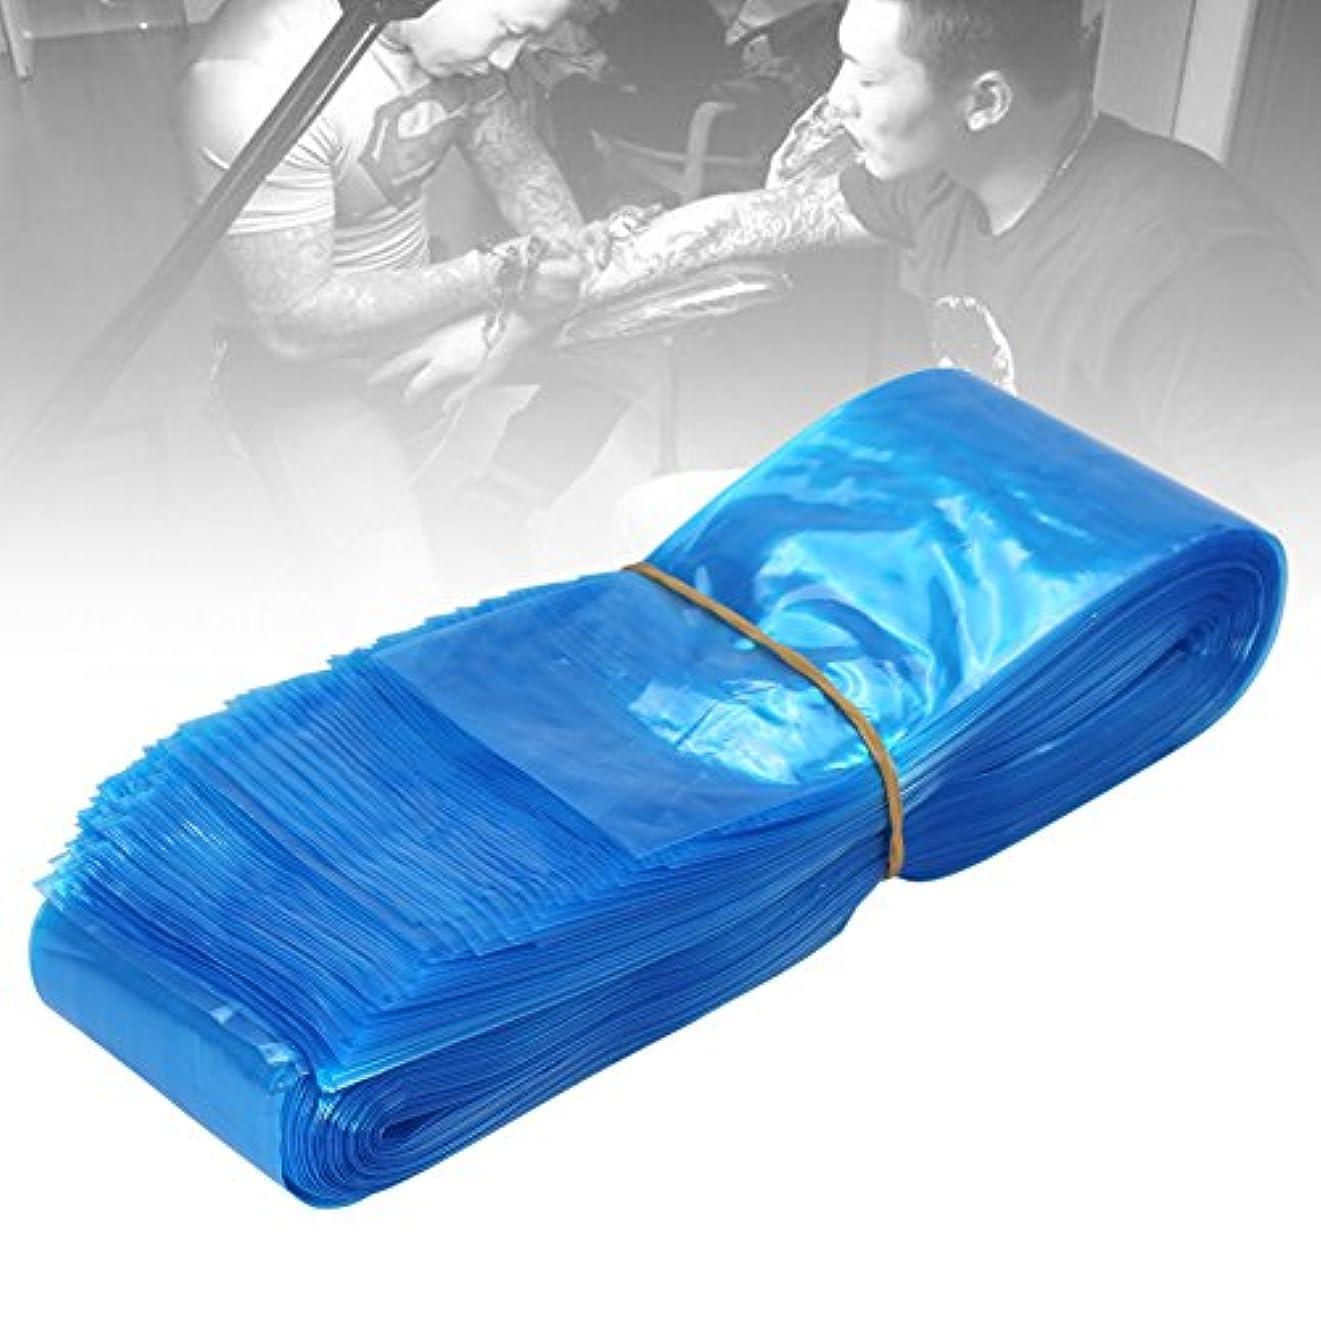 アラビア語軸生きる100ピース使い捨てプラスチックブルー医療衛生タトゥーマシンクリップコードフックスリーブカバーバッグ